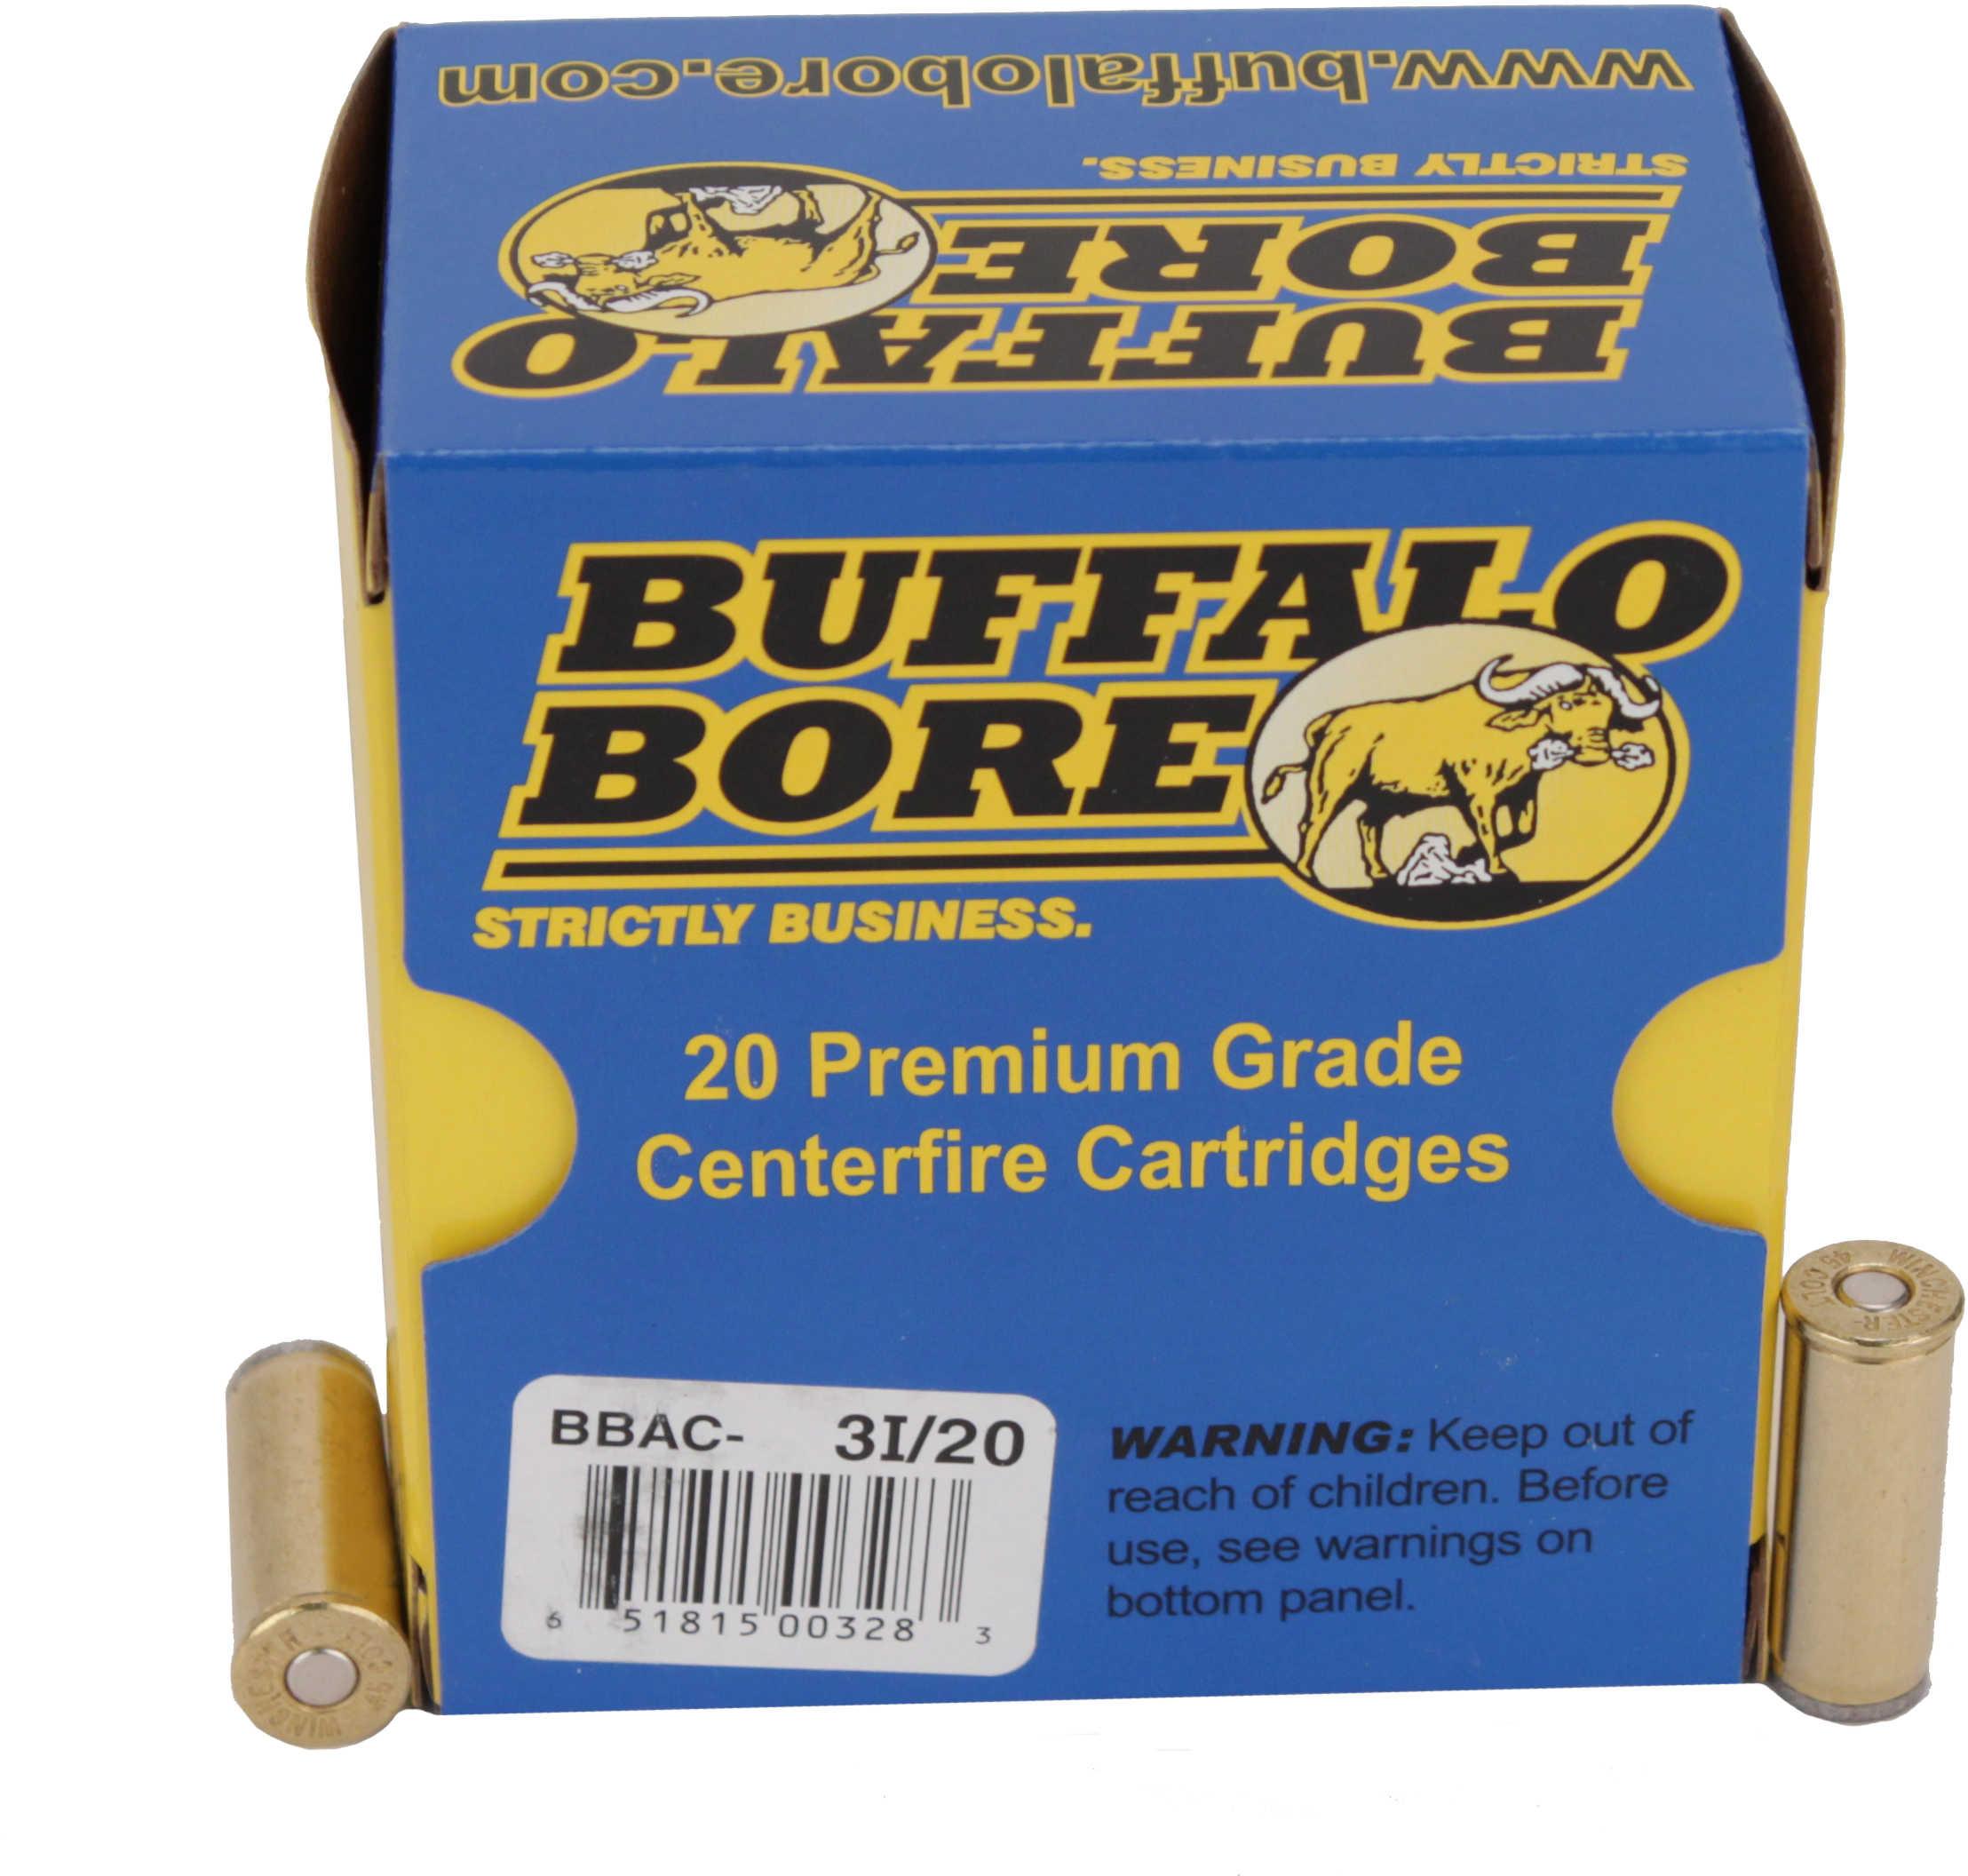 Buffalo Bore Ammunition Handgun 45 Colt Wad Cutter 225 Grains 20 Rounds Per Box 3I/20